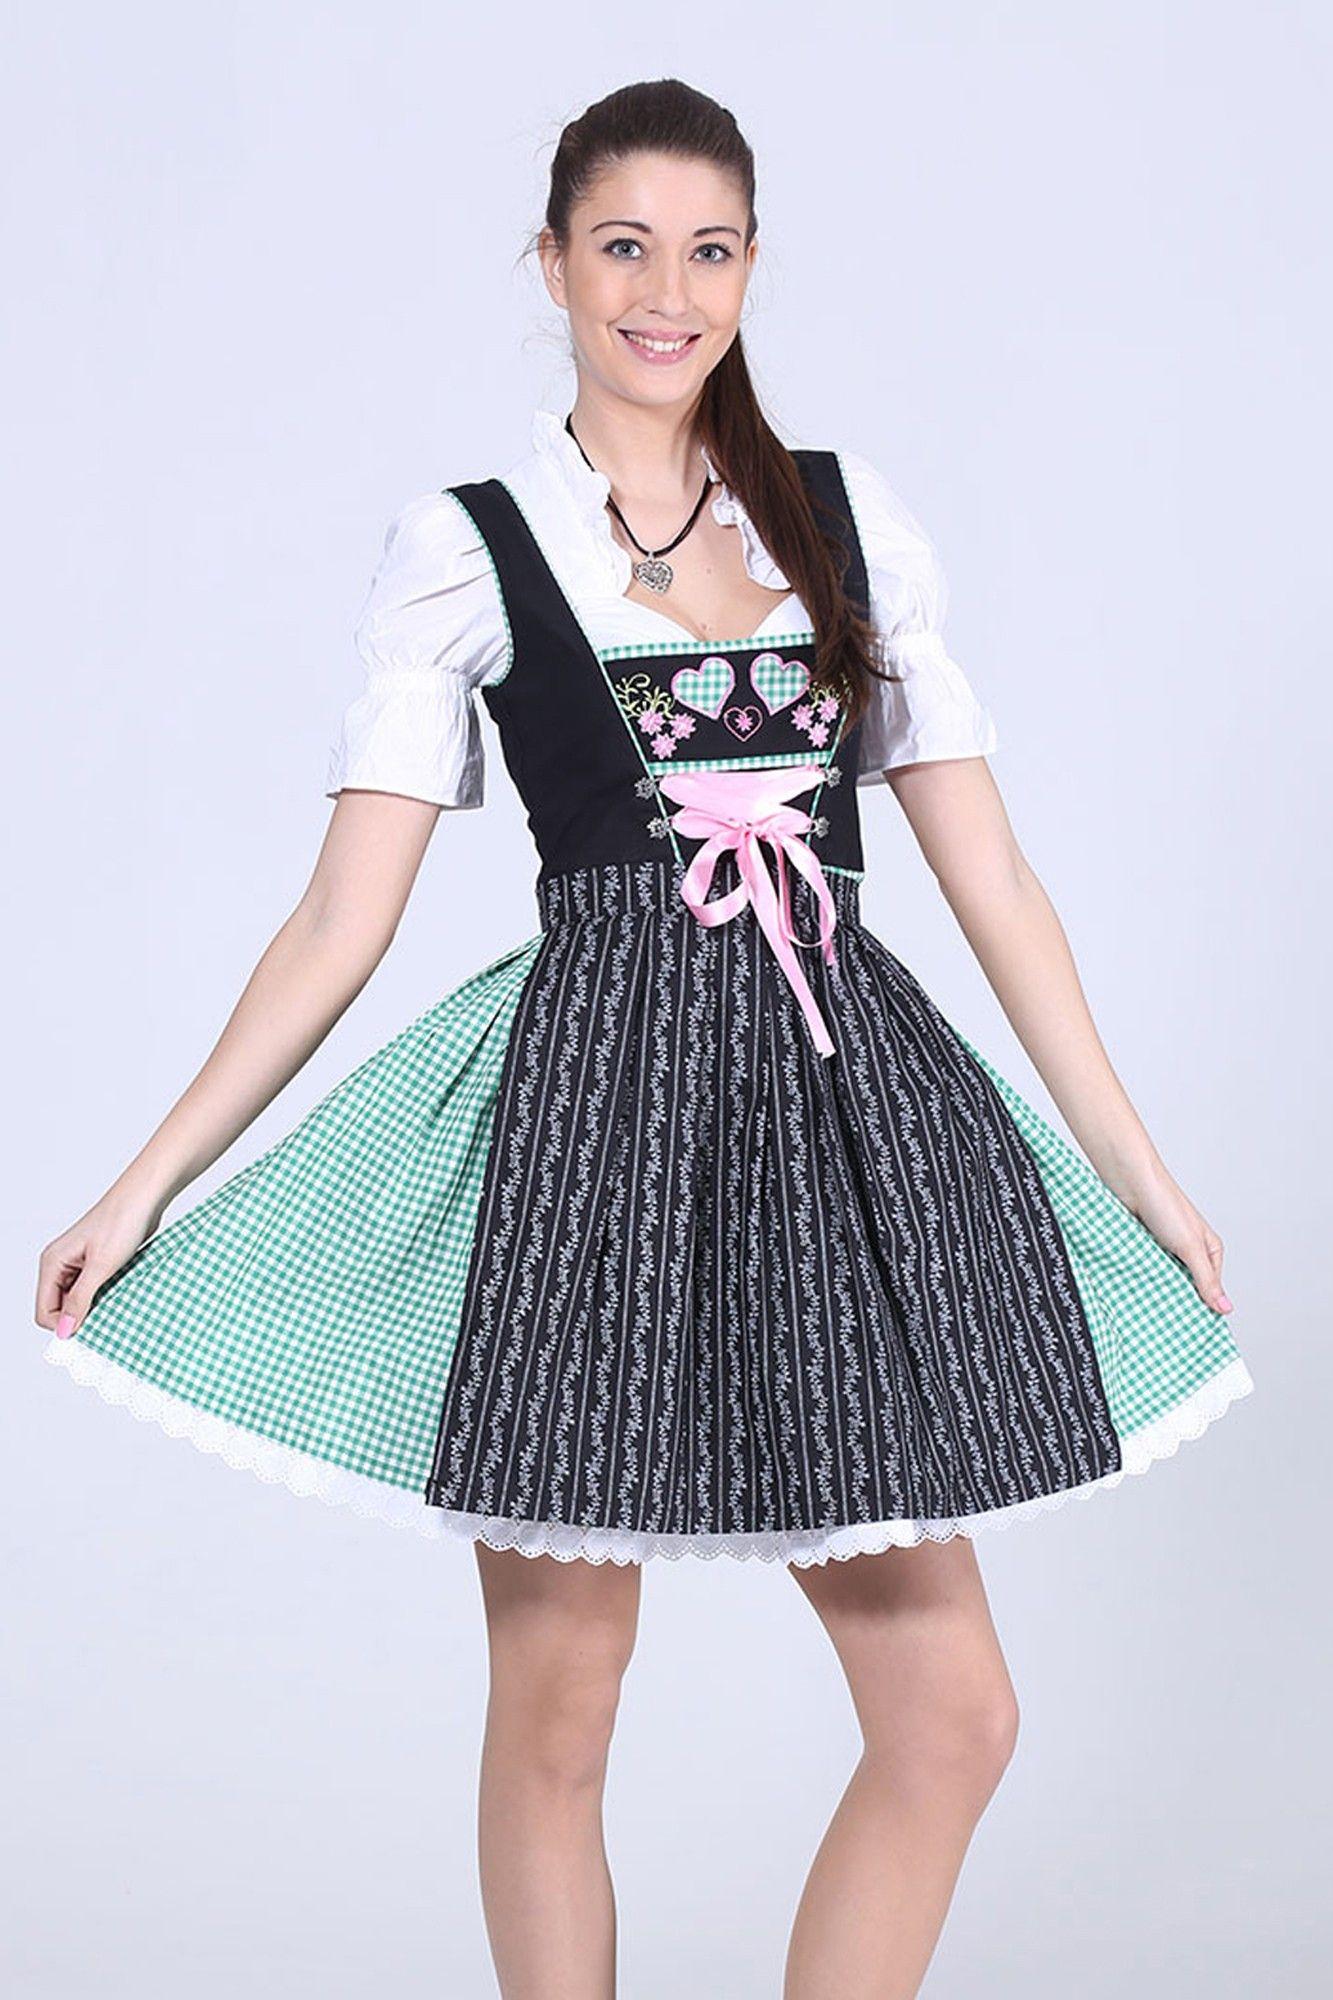 Herziges 3tlg. #MiniDirndl Grünkariert mit Bluse und Schuerze 59,90 € . Machen Sie sich bereit für #Munich #Frühlingsfest 2016